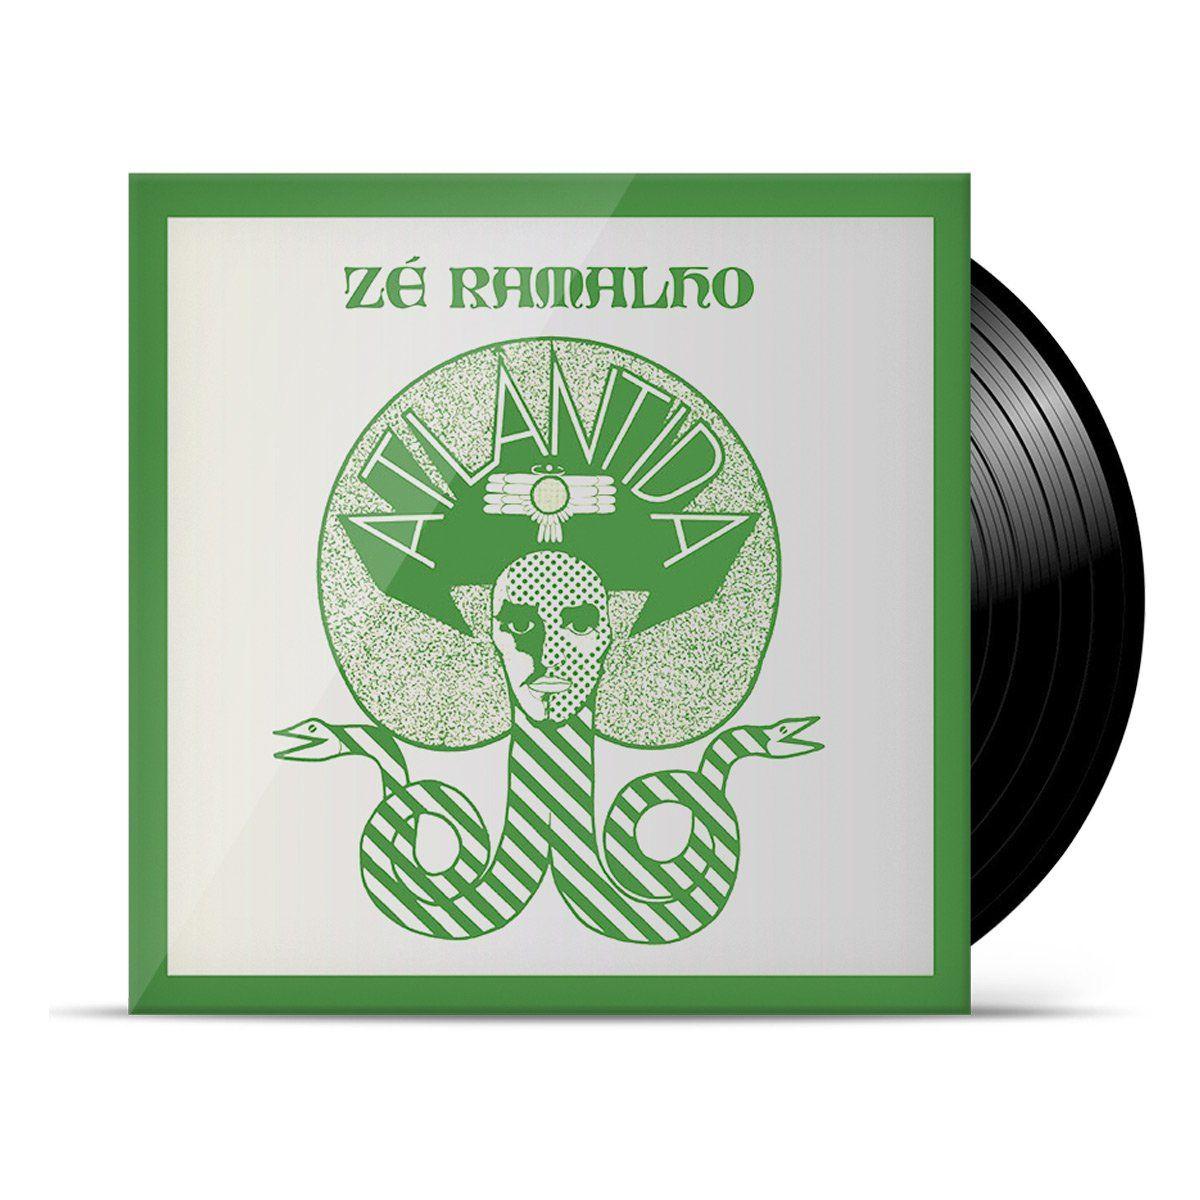 LP Zé Ramalho Atlântida